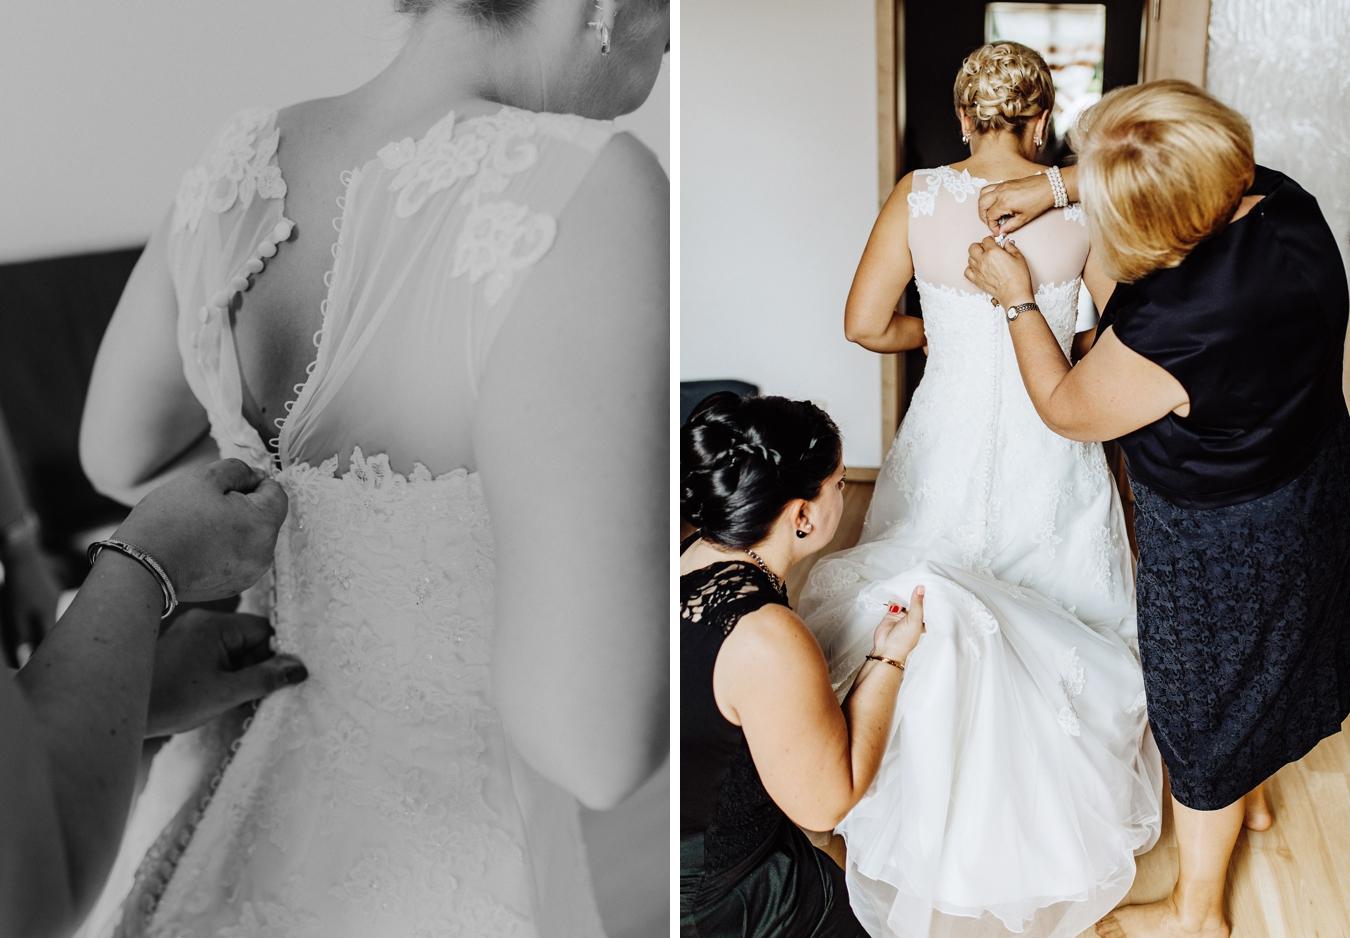 Brautkleid anziehen